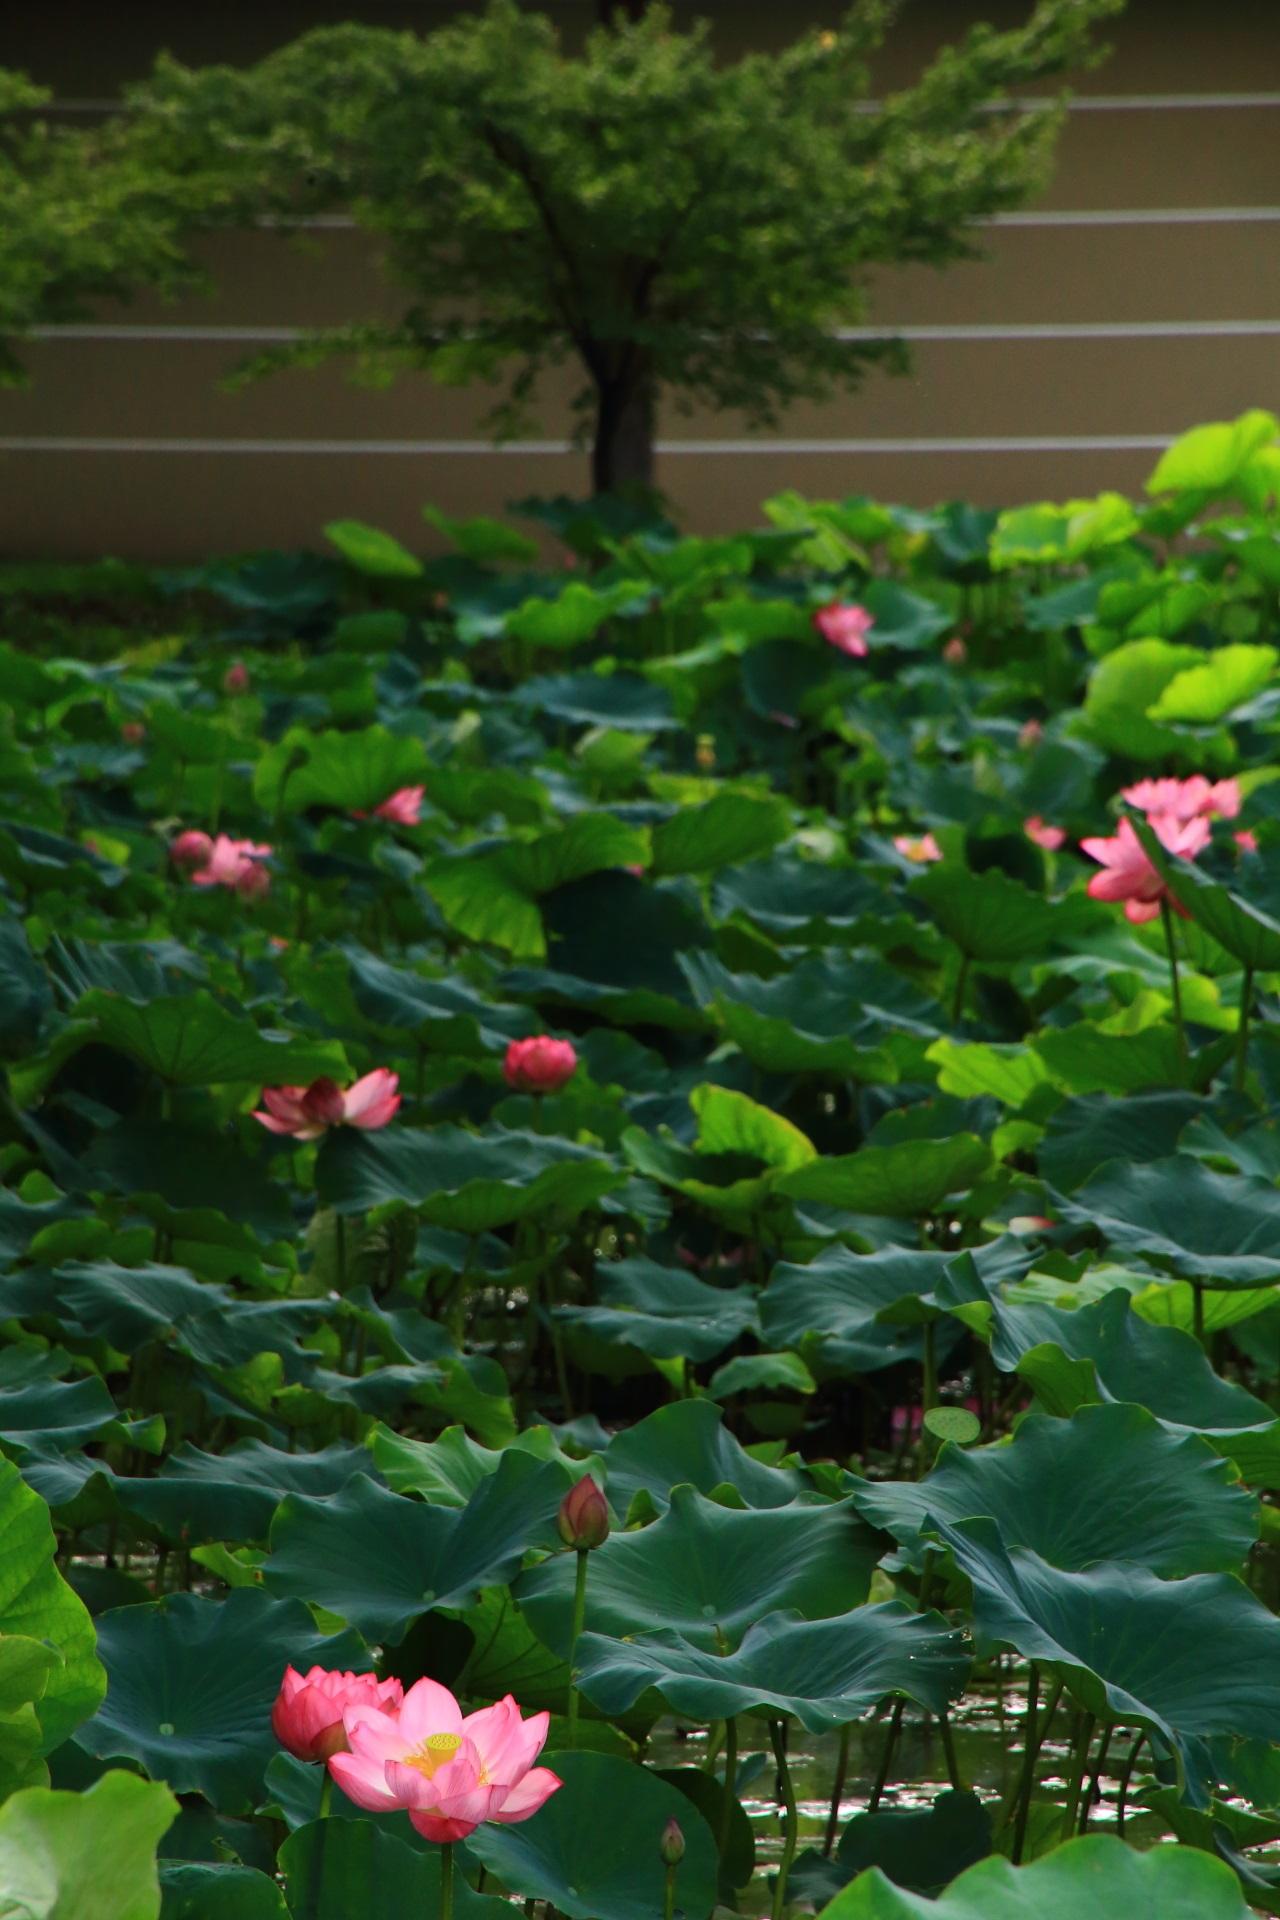 濃い緑の葉とはsの花